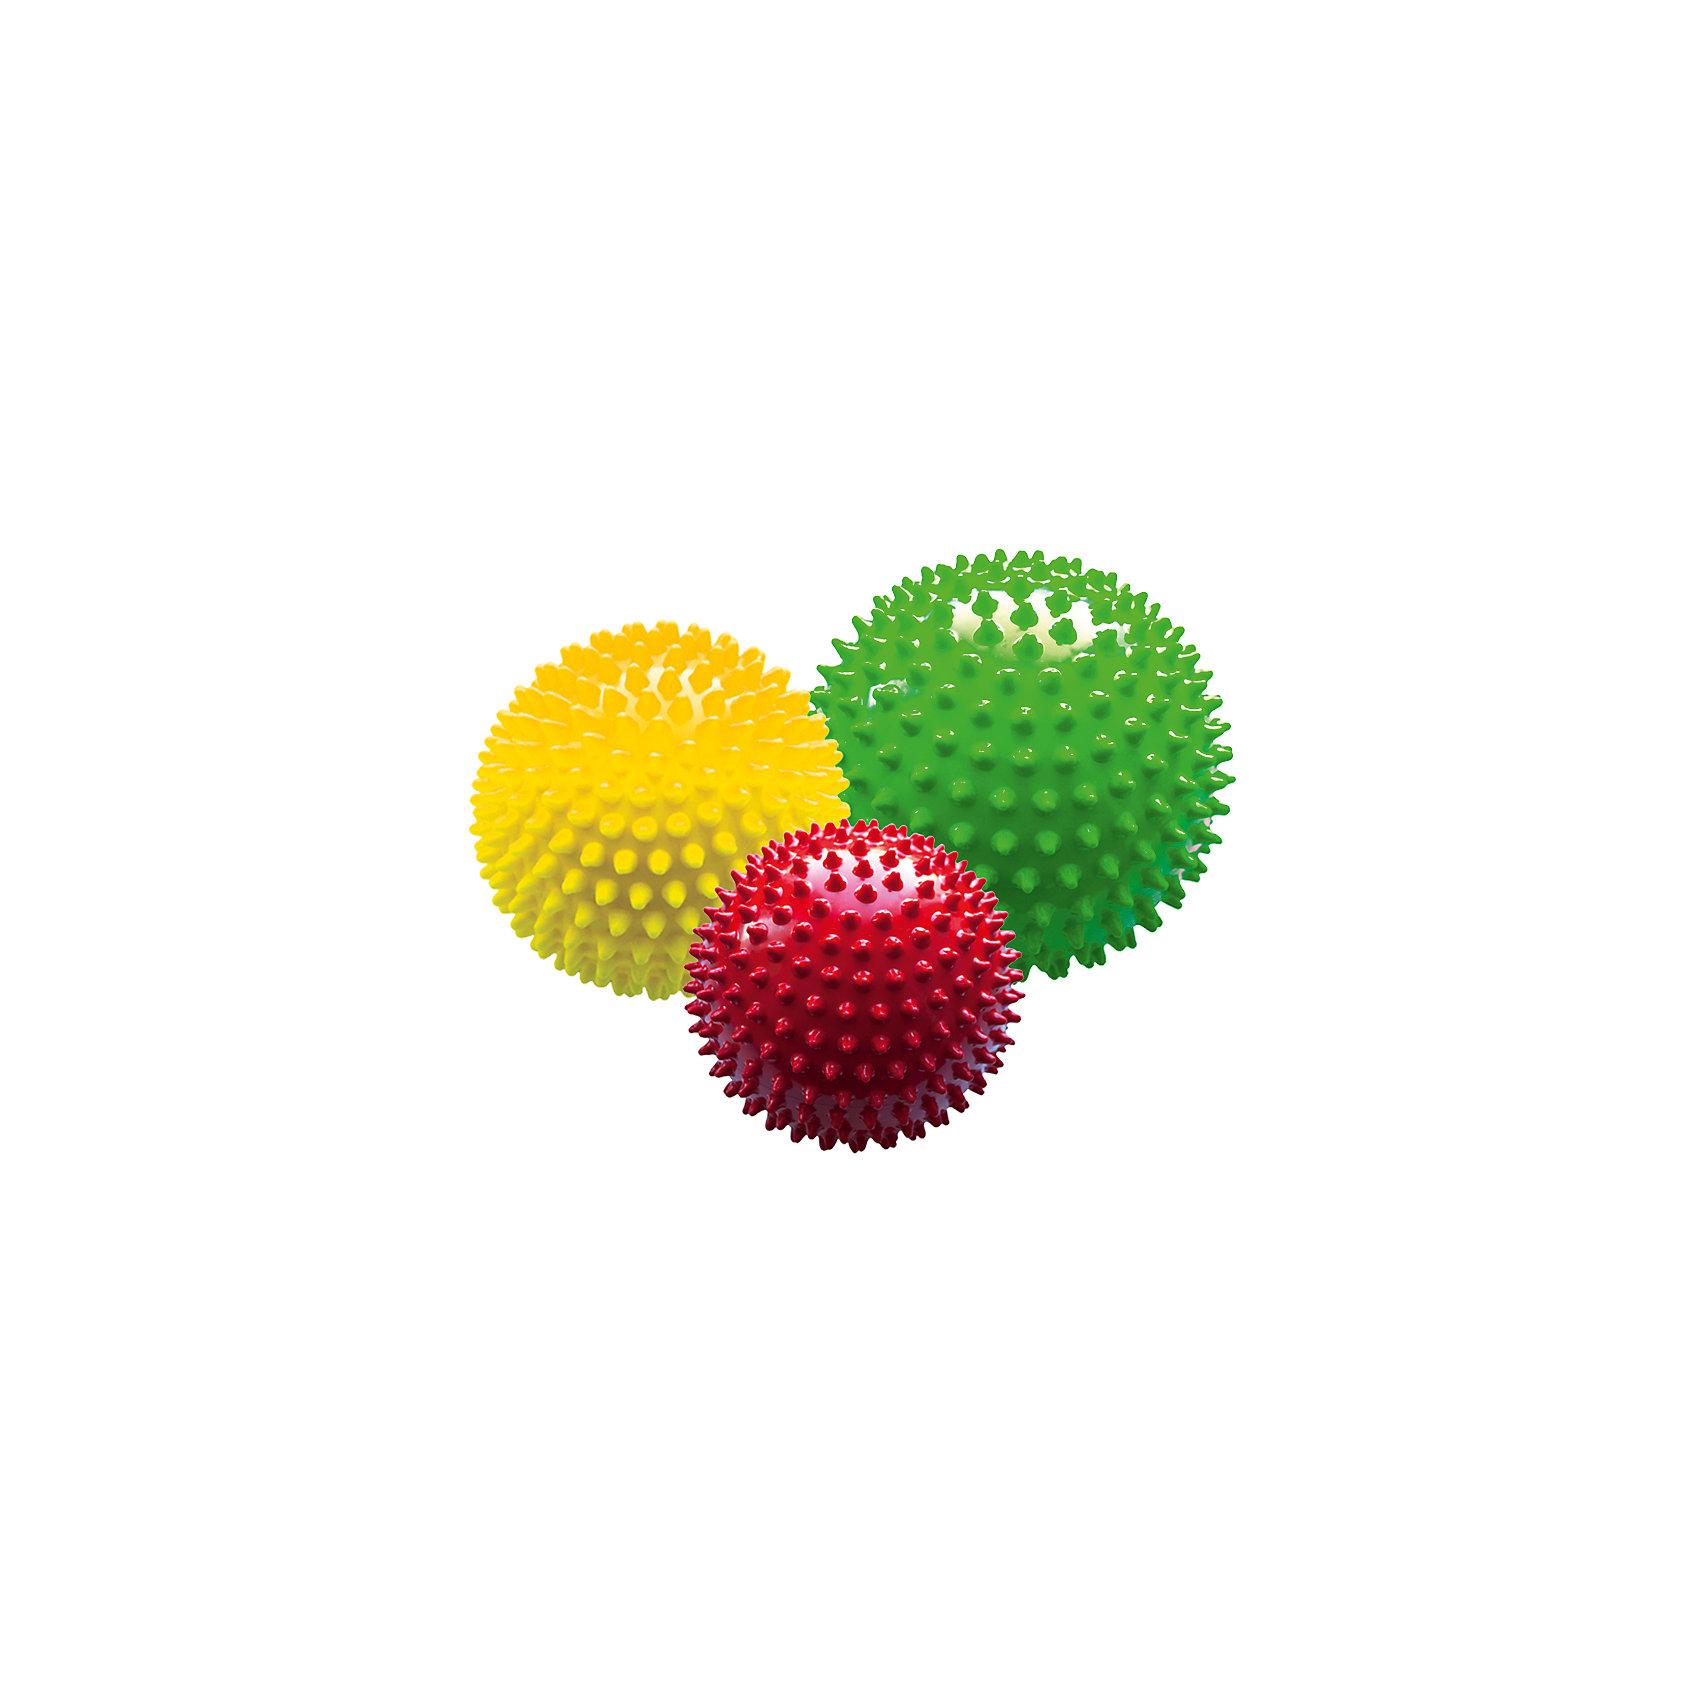 Набор мячей большой Светофор, в сетке , ? 8,5 см, 12 см, 18 см, МалышОКМячи детские<br>Набор игровых, массажных мячей (D-8,5,12 и 18см)желтого, зеленого и красного цвета в сетке. Мячи способоствуют гармоничному развитию всей мускулатуры ребенка, тренировке реакции, координации, цветового и тактильного восприятия. Подходят для игр в воде.<br><br>Ширина мм: 180<br>Глубина мм: 180<br>Высота мм: 565<br>Вес г: 310<br>Возраст от месяцев: 6<br>Возраст до месяцев: 192<br>Пол: Унисекс<br>Возраст: Детский<br>SKU: 5510705